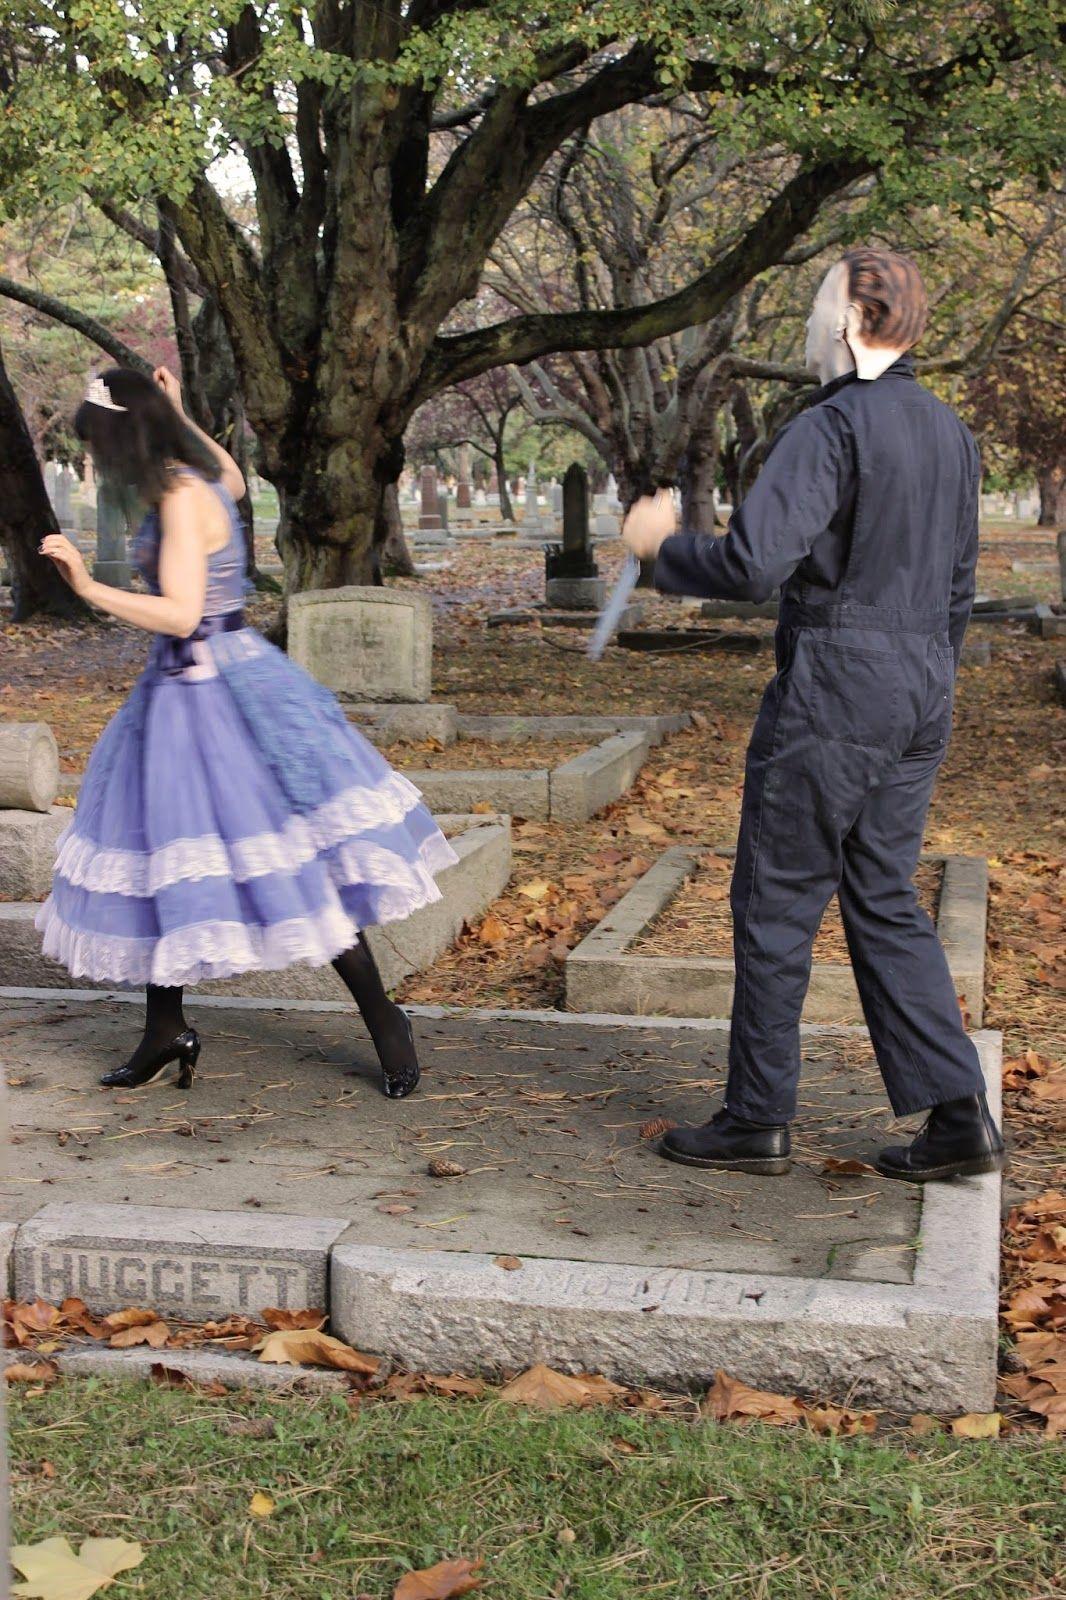 Halloween DEAD PROM QUEEN, DIY HALLOWEEN COSTUMES, GRAVEYARD, HALLOWEEN, HORROR, MICHAEL MYERS, SCARY